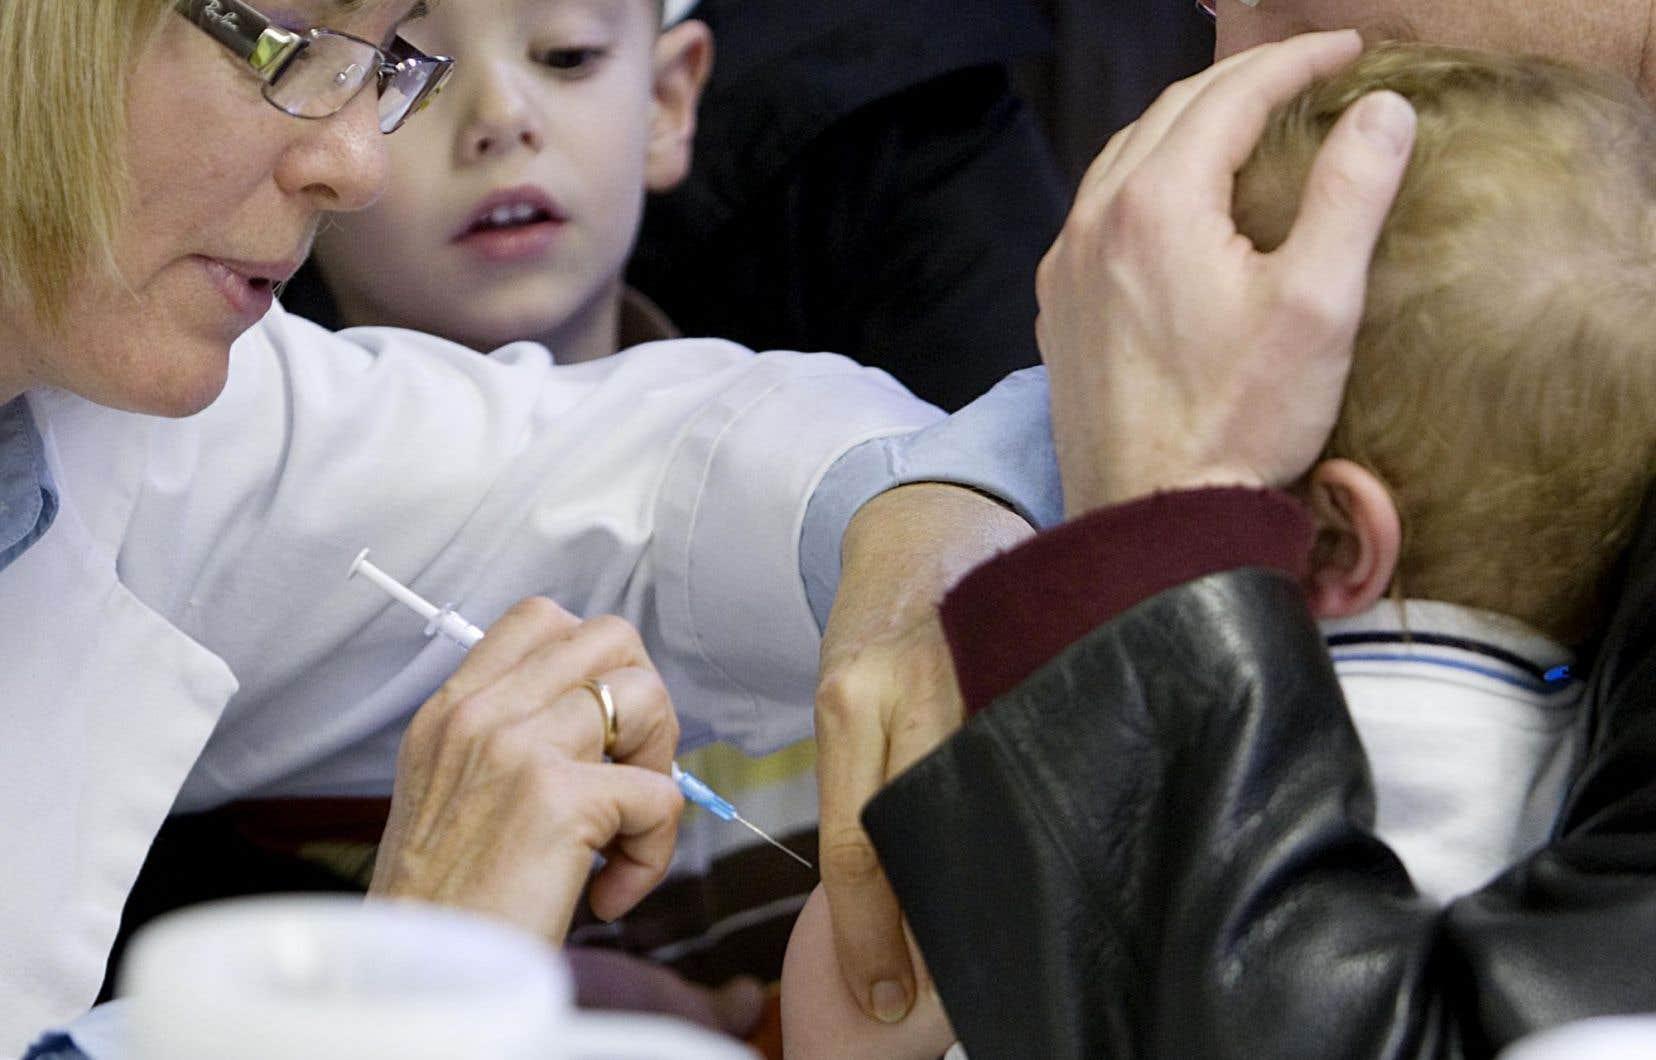 Les études liant les vaccins contre la rougeole, les oreillons et la rubéole à l'autisme à la fin des années 1990 ont été réfutées depuis ce temps.